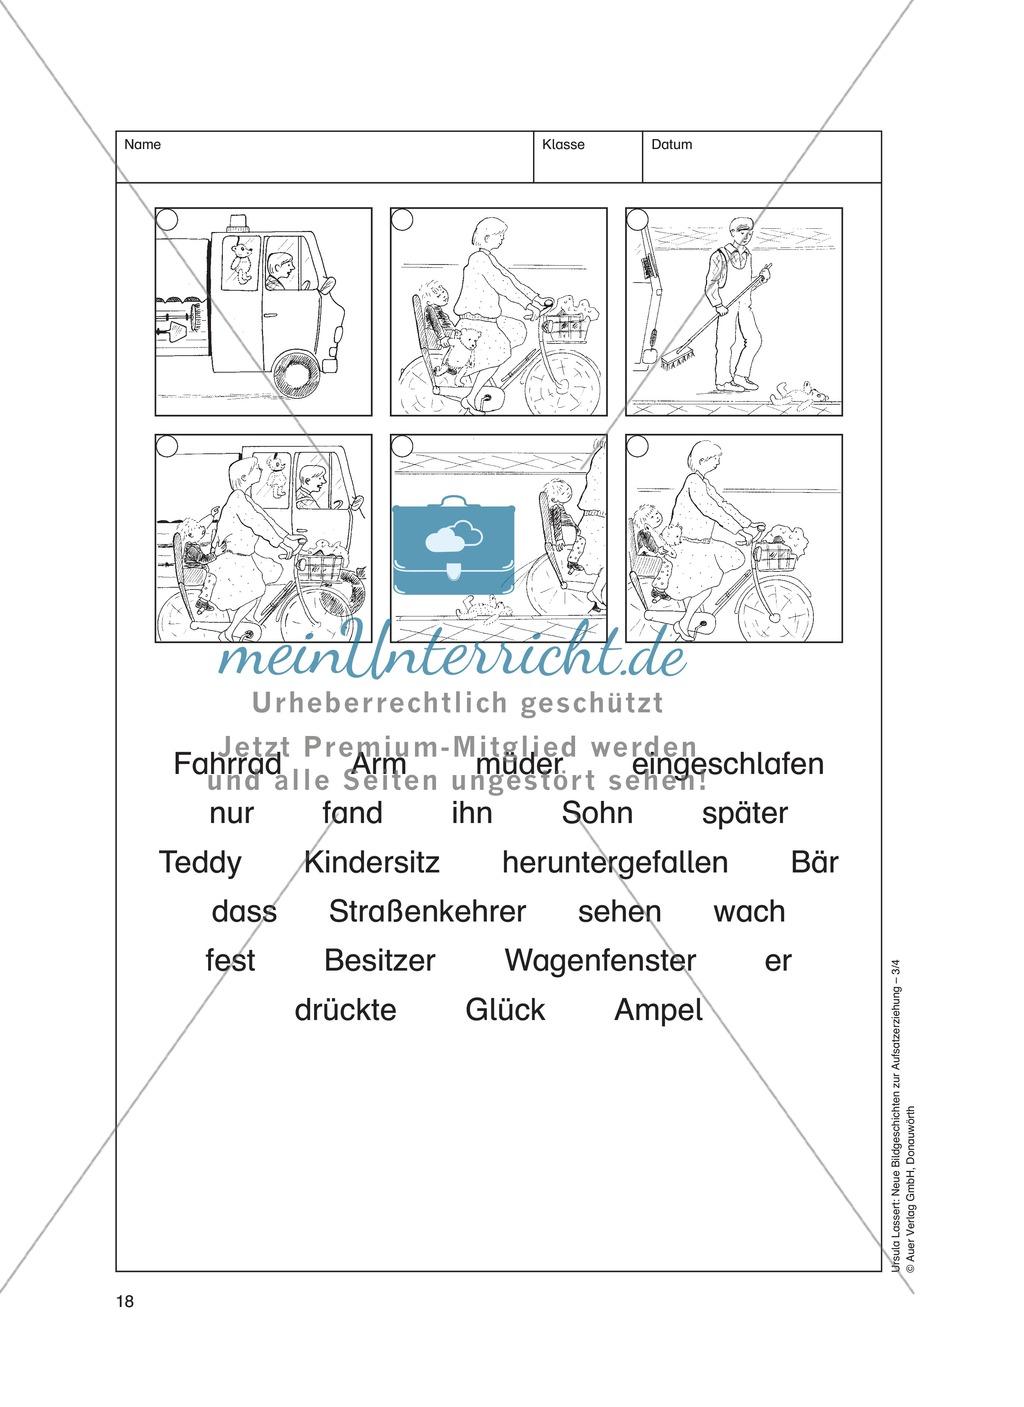 Bildergeschichten im DU - Der verlorene Teddy: Arbeitsblätter ...